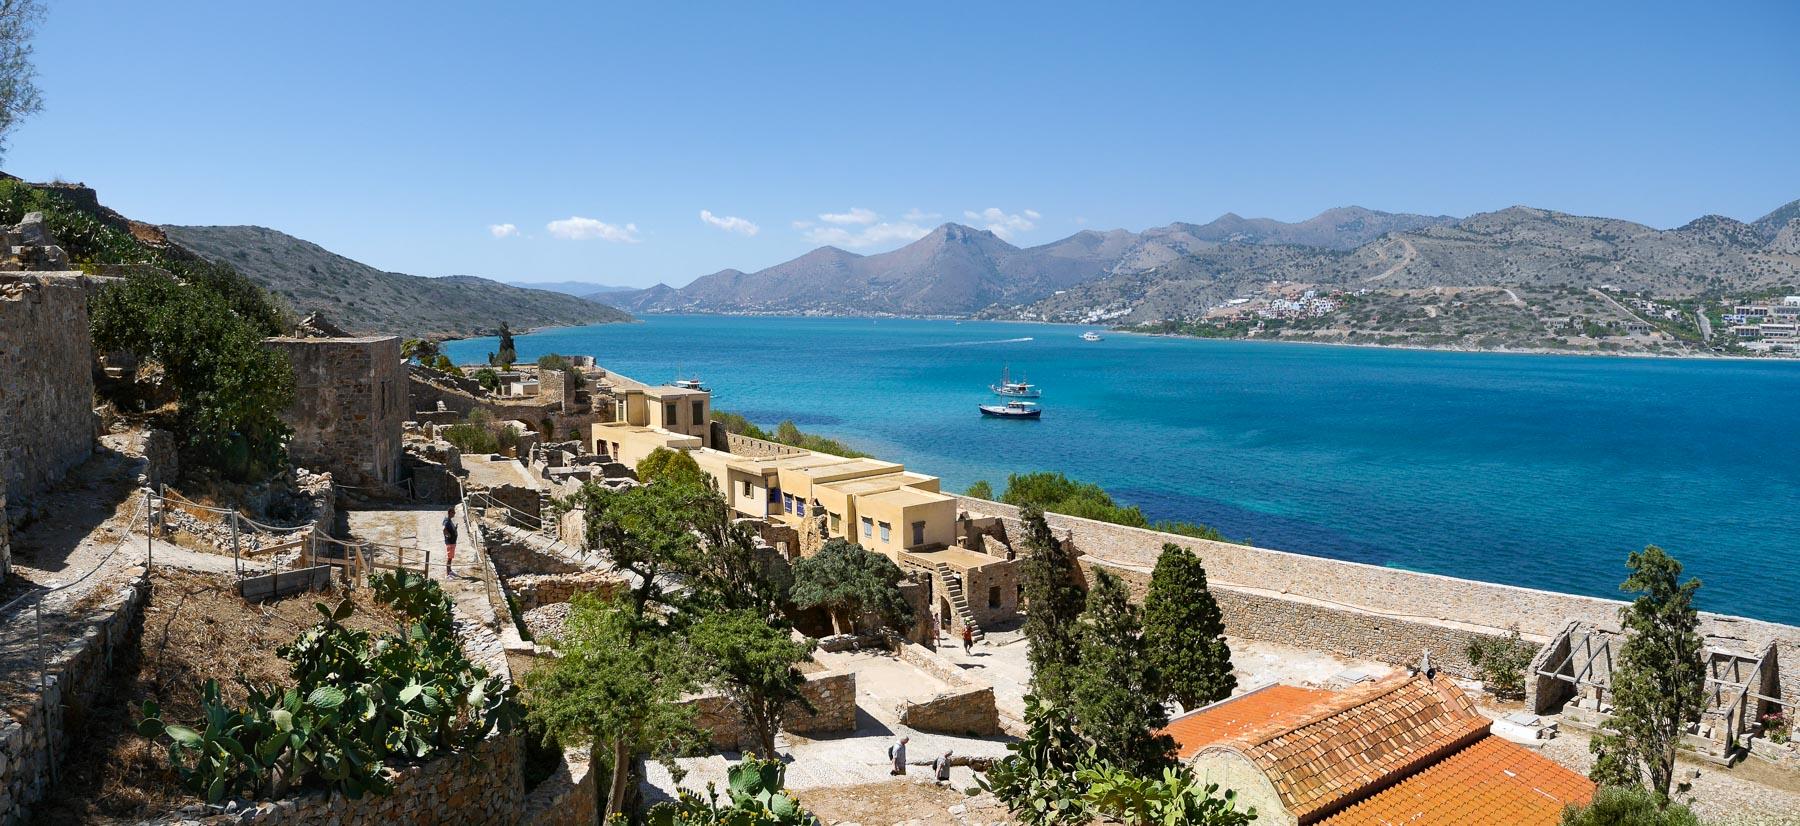 Panoramablick auf Leprasiedlung von Spinalonga mit blauem Meer und Bergen im Hintergrund